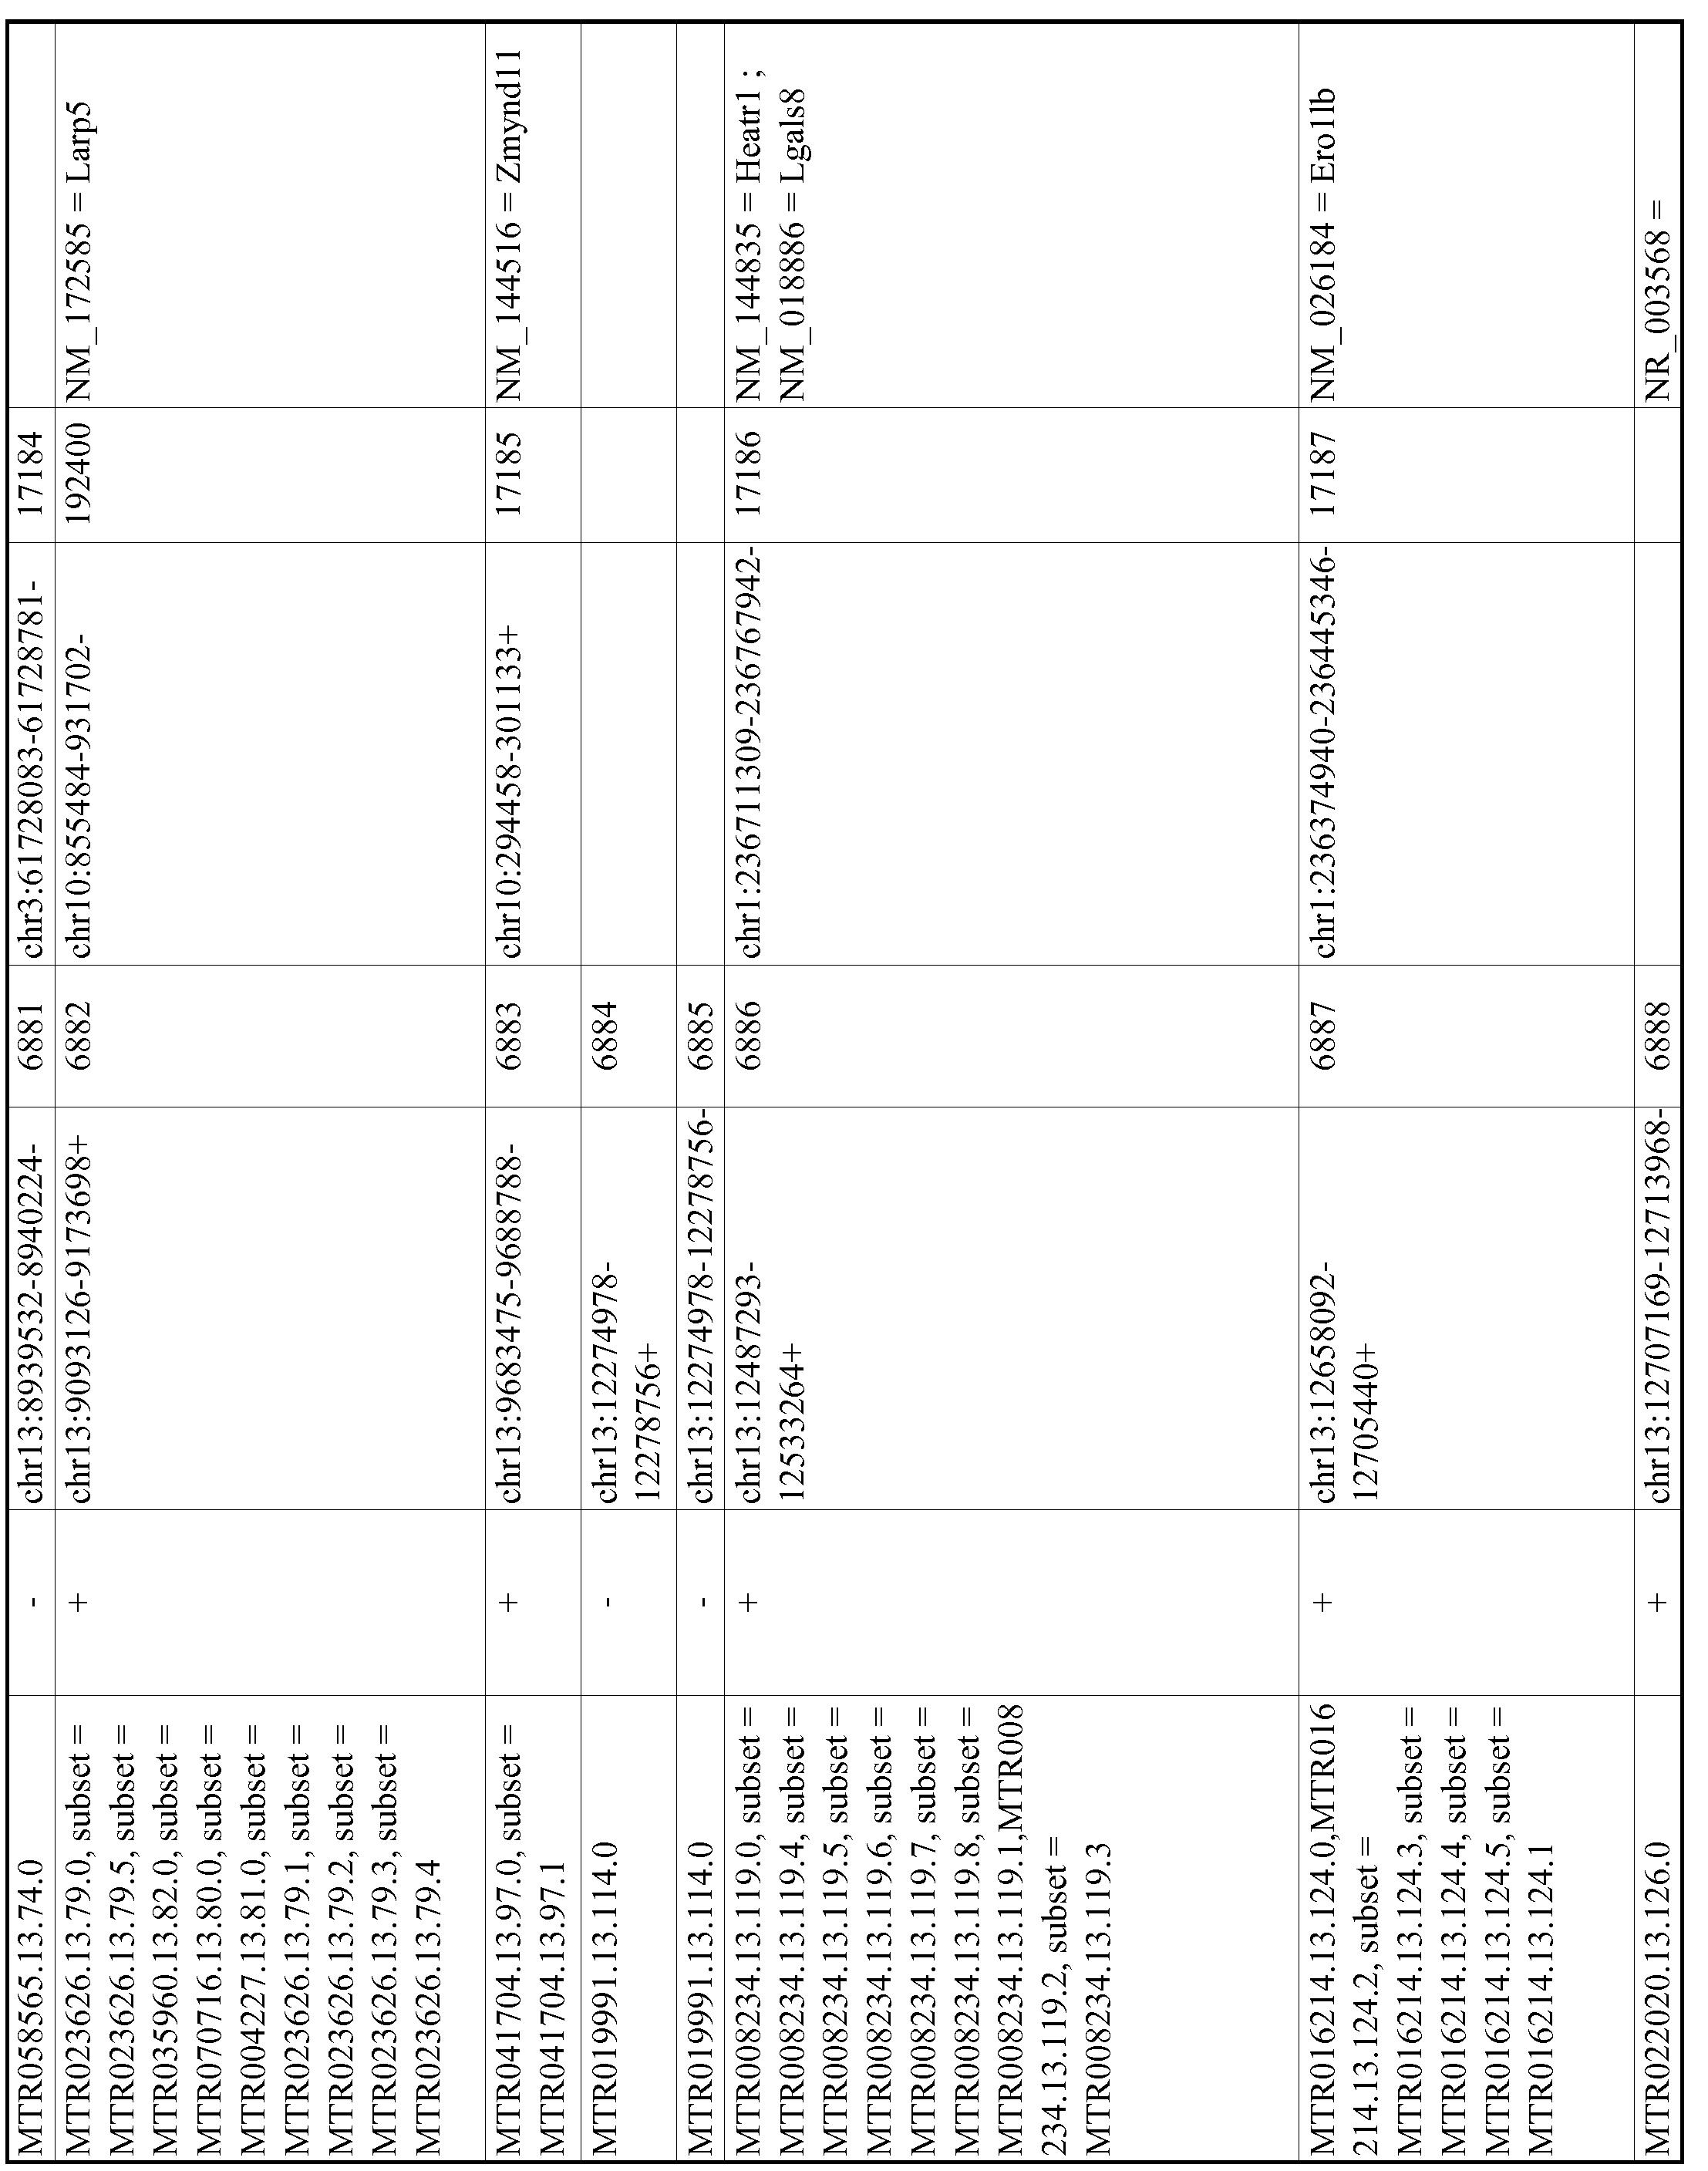 Figure imgf001222_0001